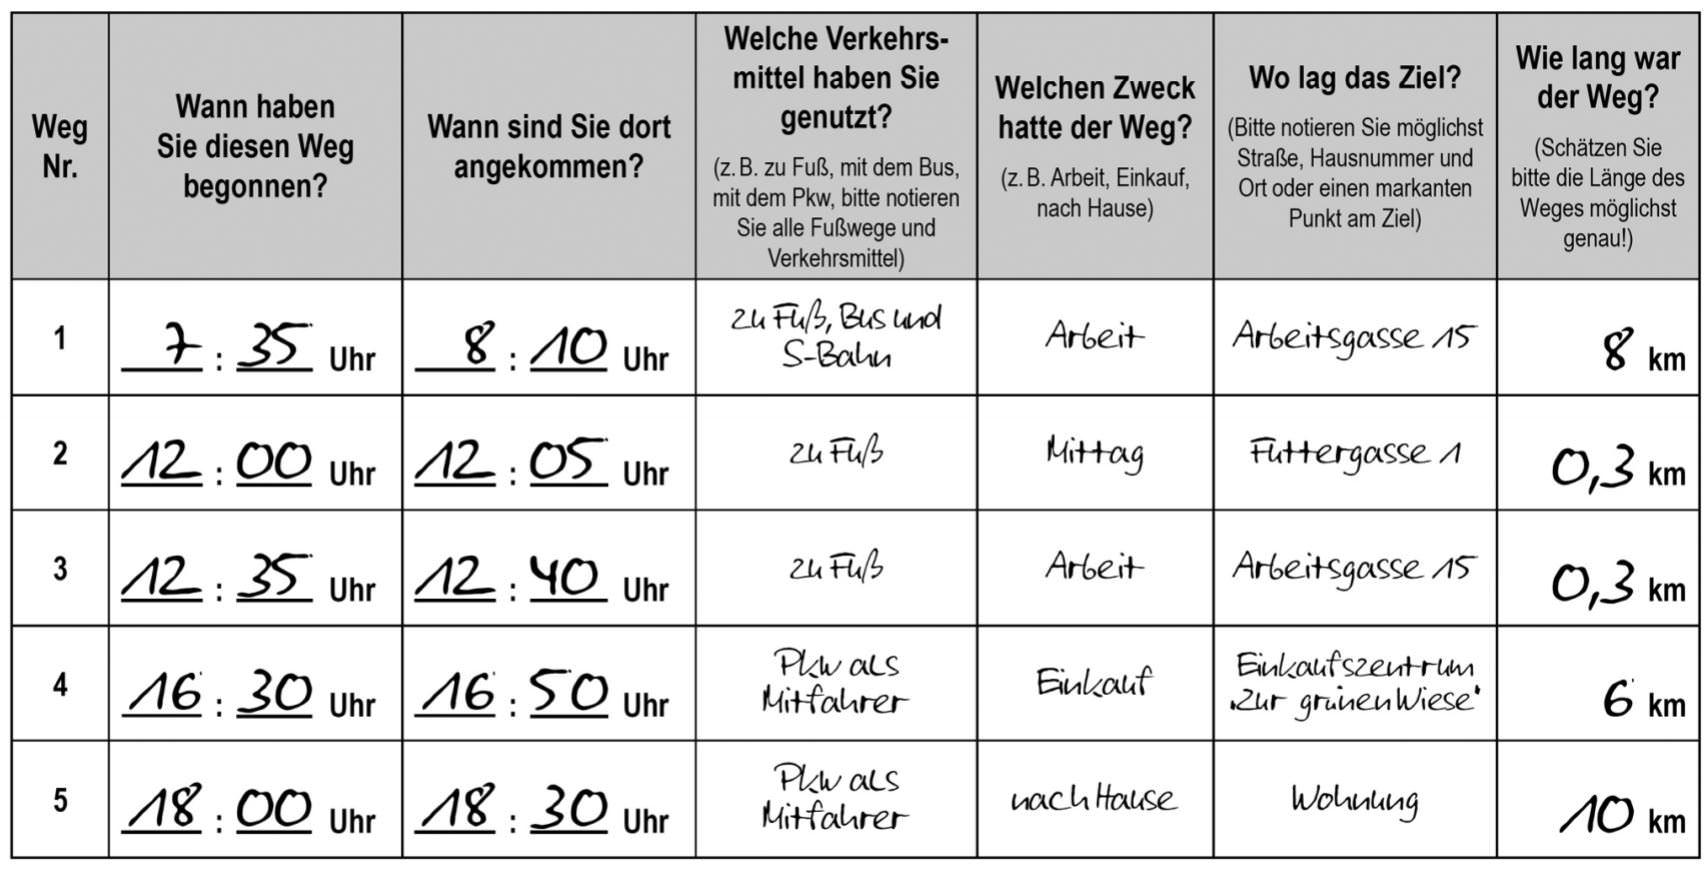 Wegetagebuch Wegeprotokoll SrV 2013 Methoden